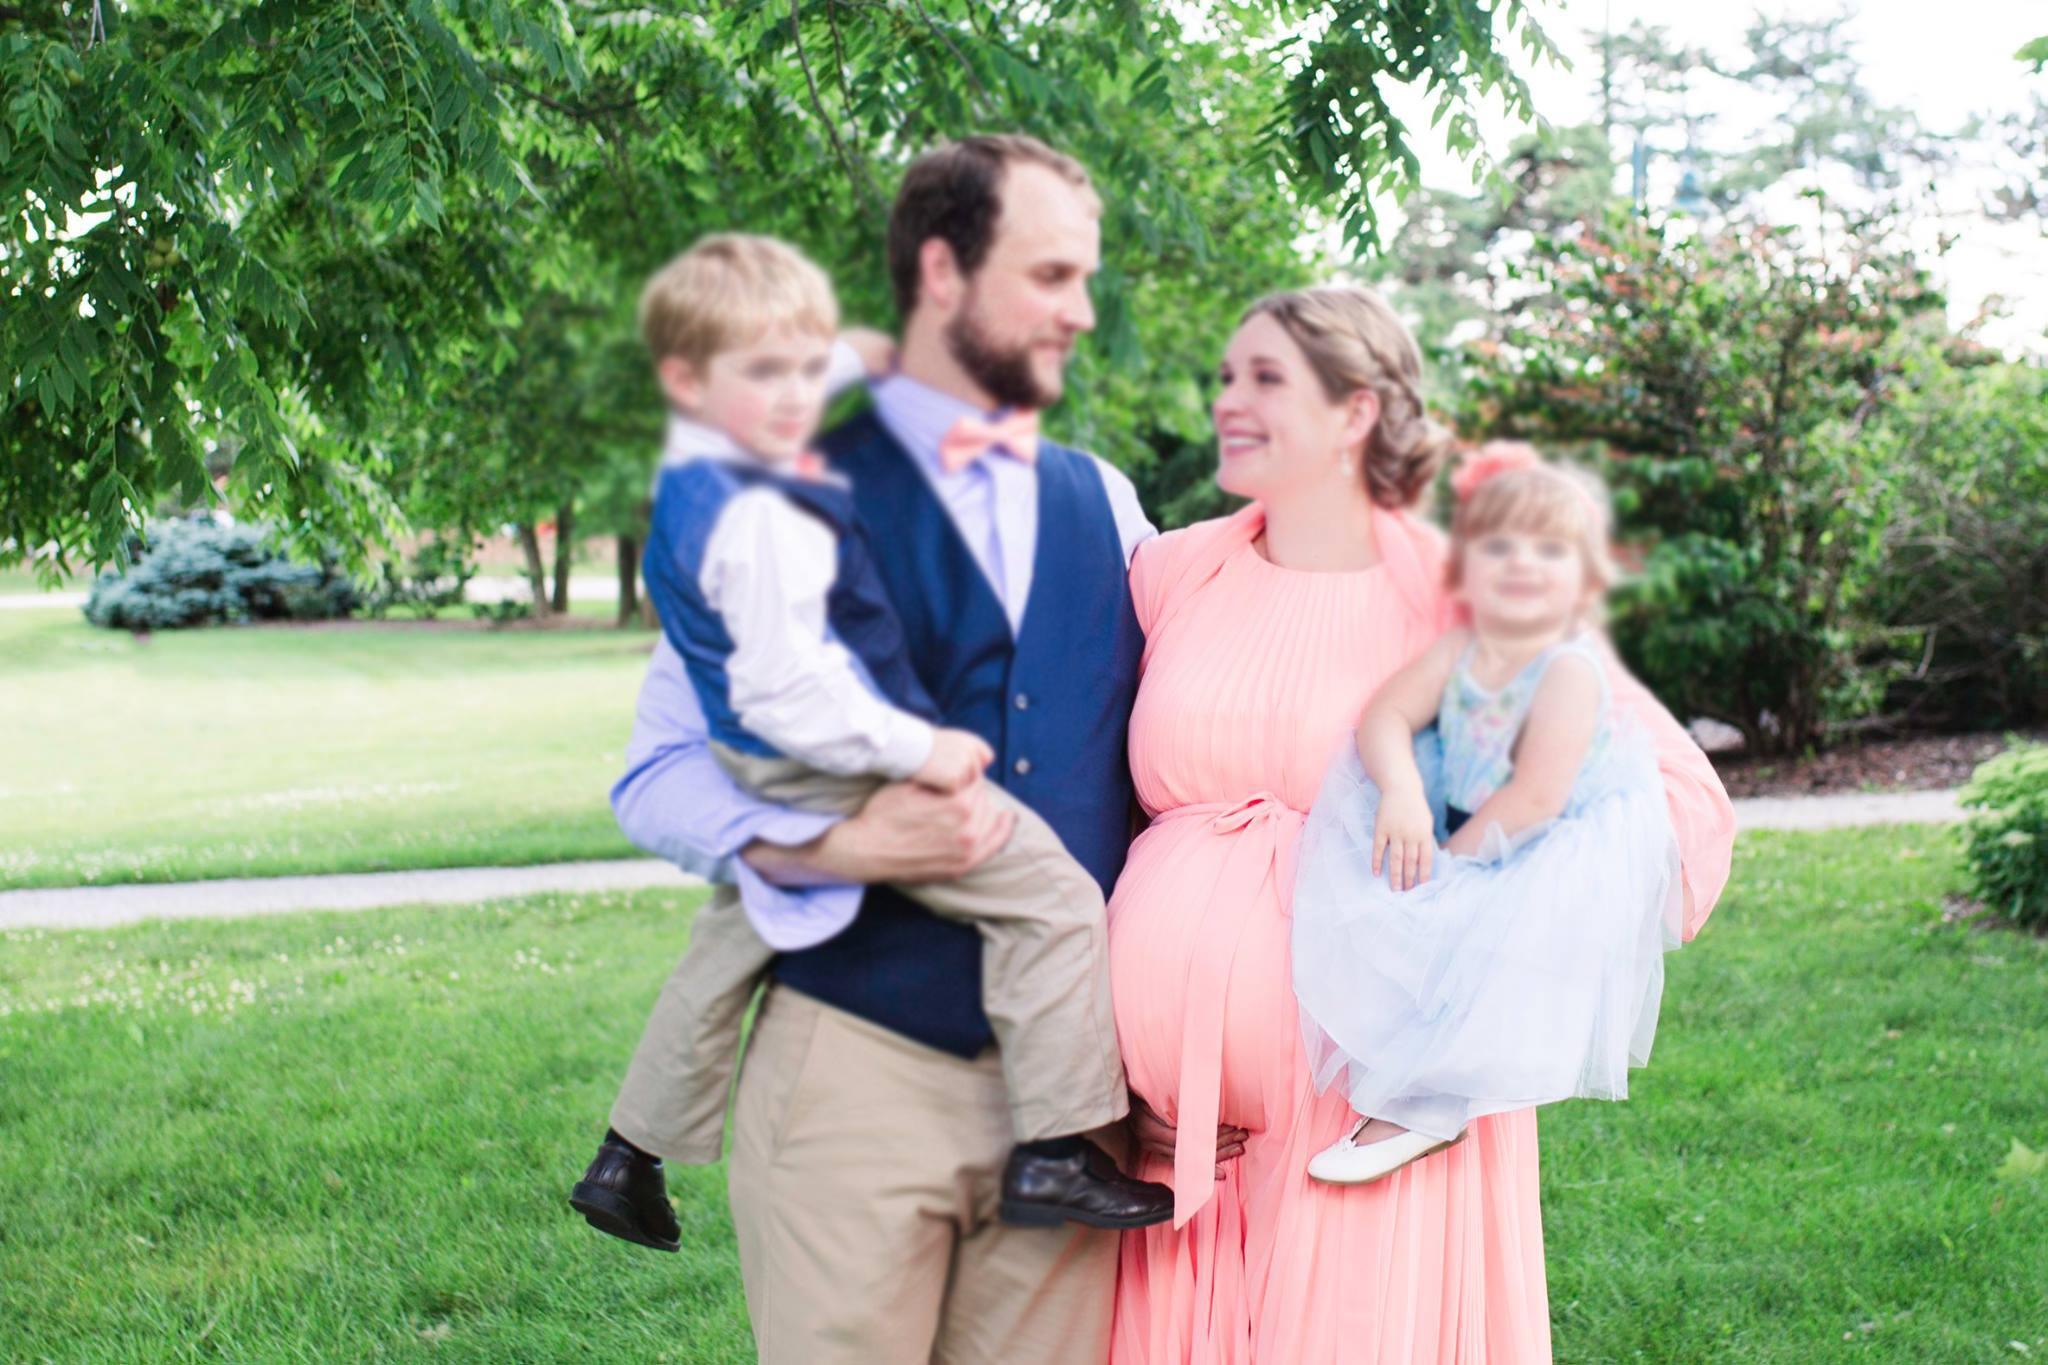 83898d35121 Azazie Joanna Maternity Bridesmaid Dress